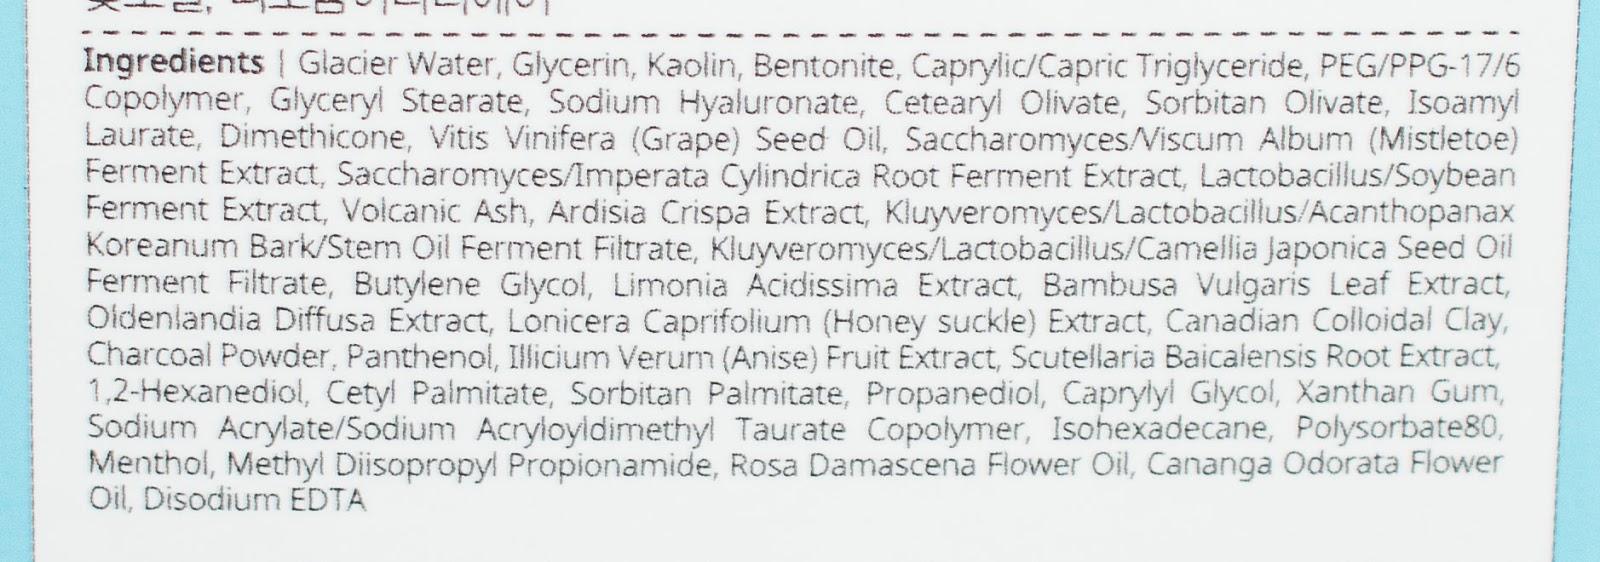 Caolion Premium Original Pore Pack Review Peach & Lily